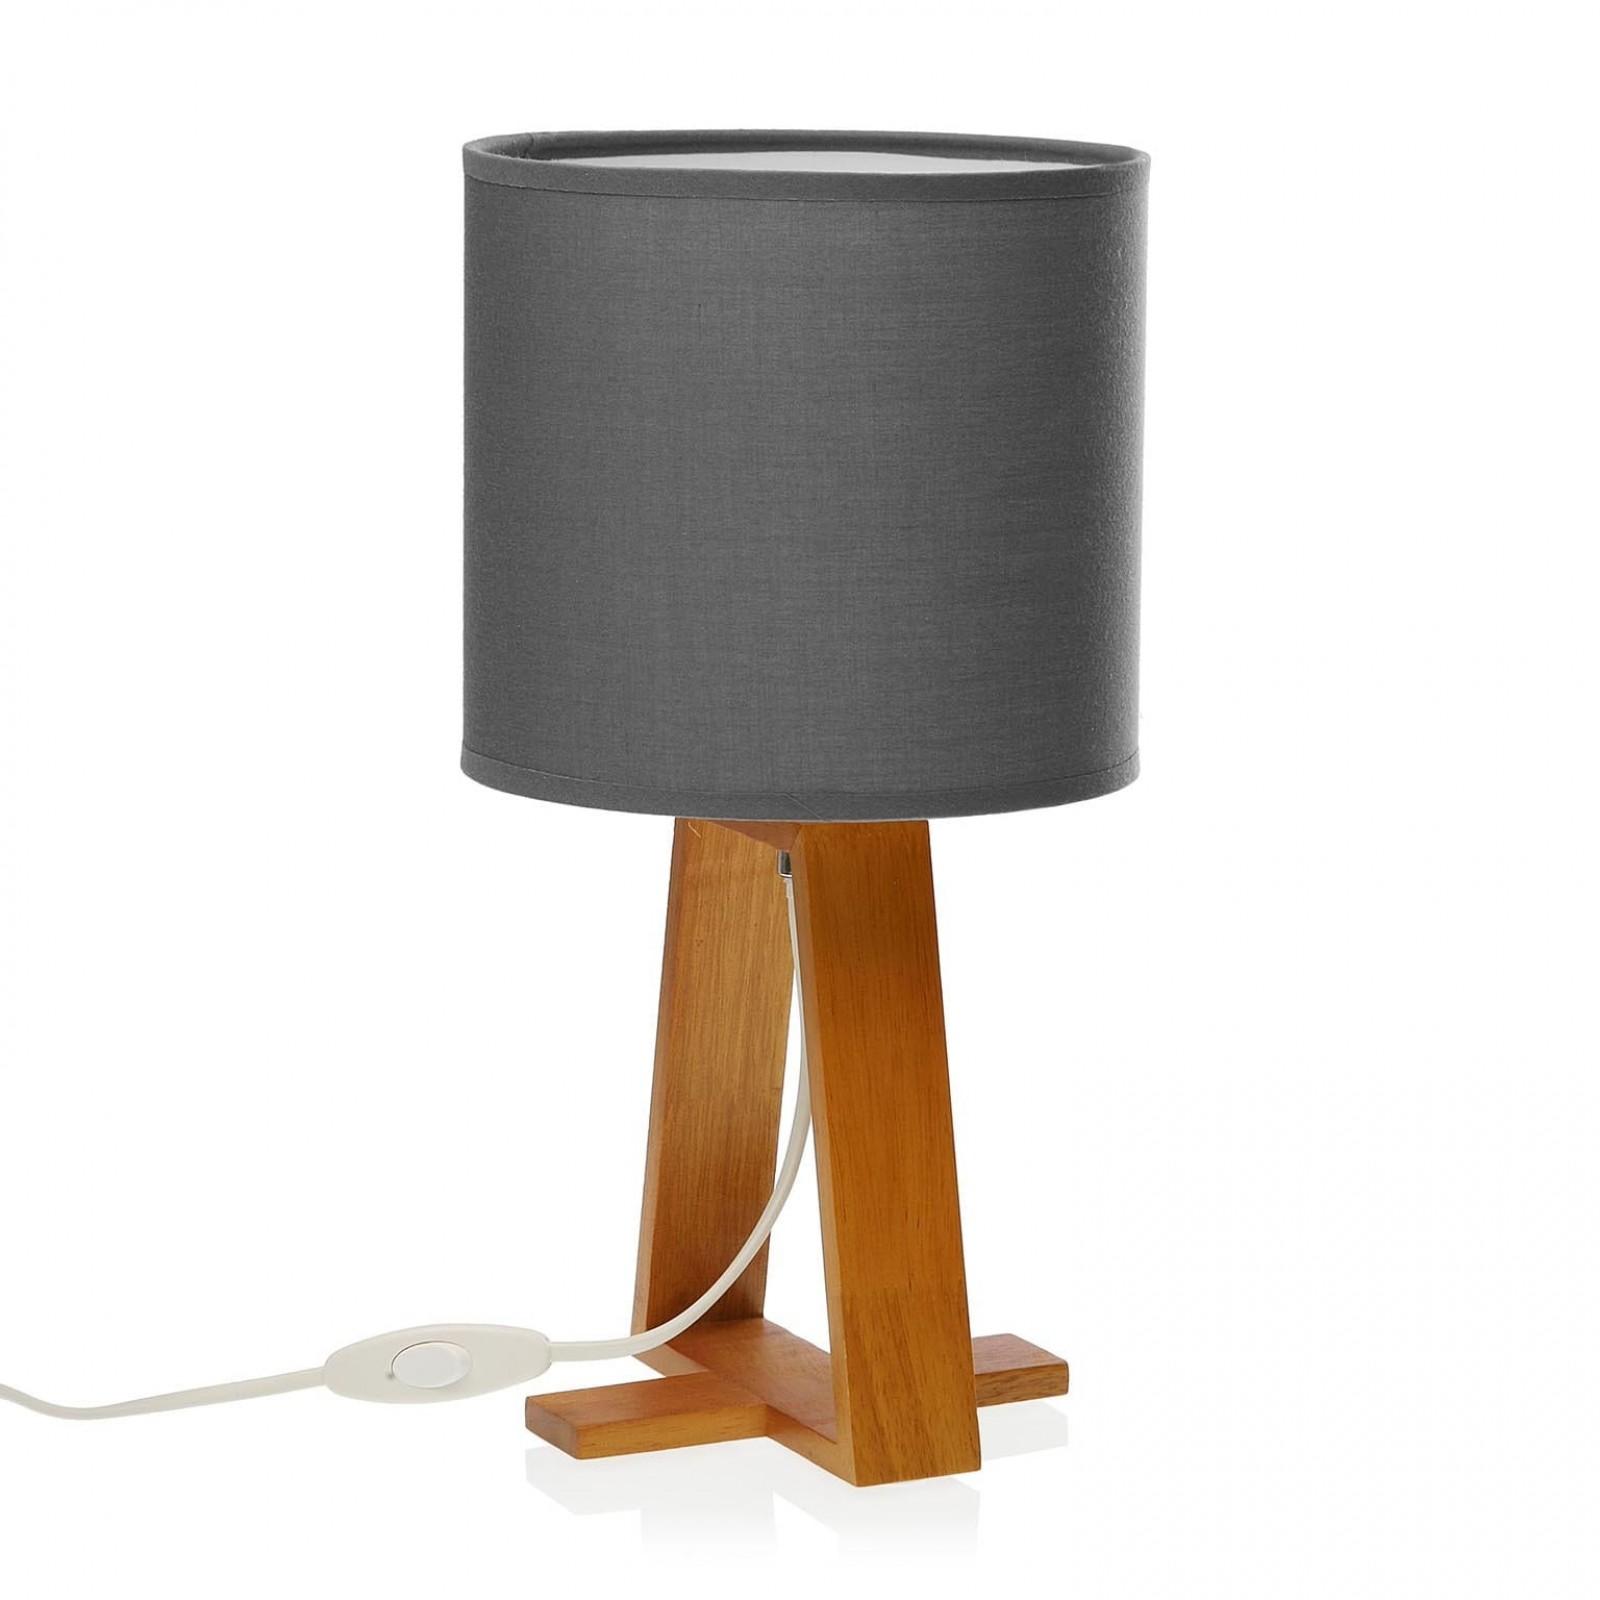 Επιτραπέζιο Φωτιστικό Linear Grey (Ξύλο / Ύφασμα) - Versa